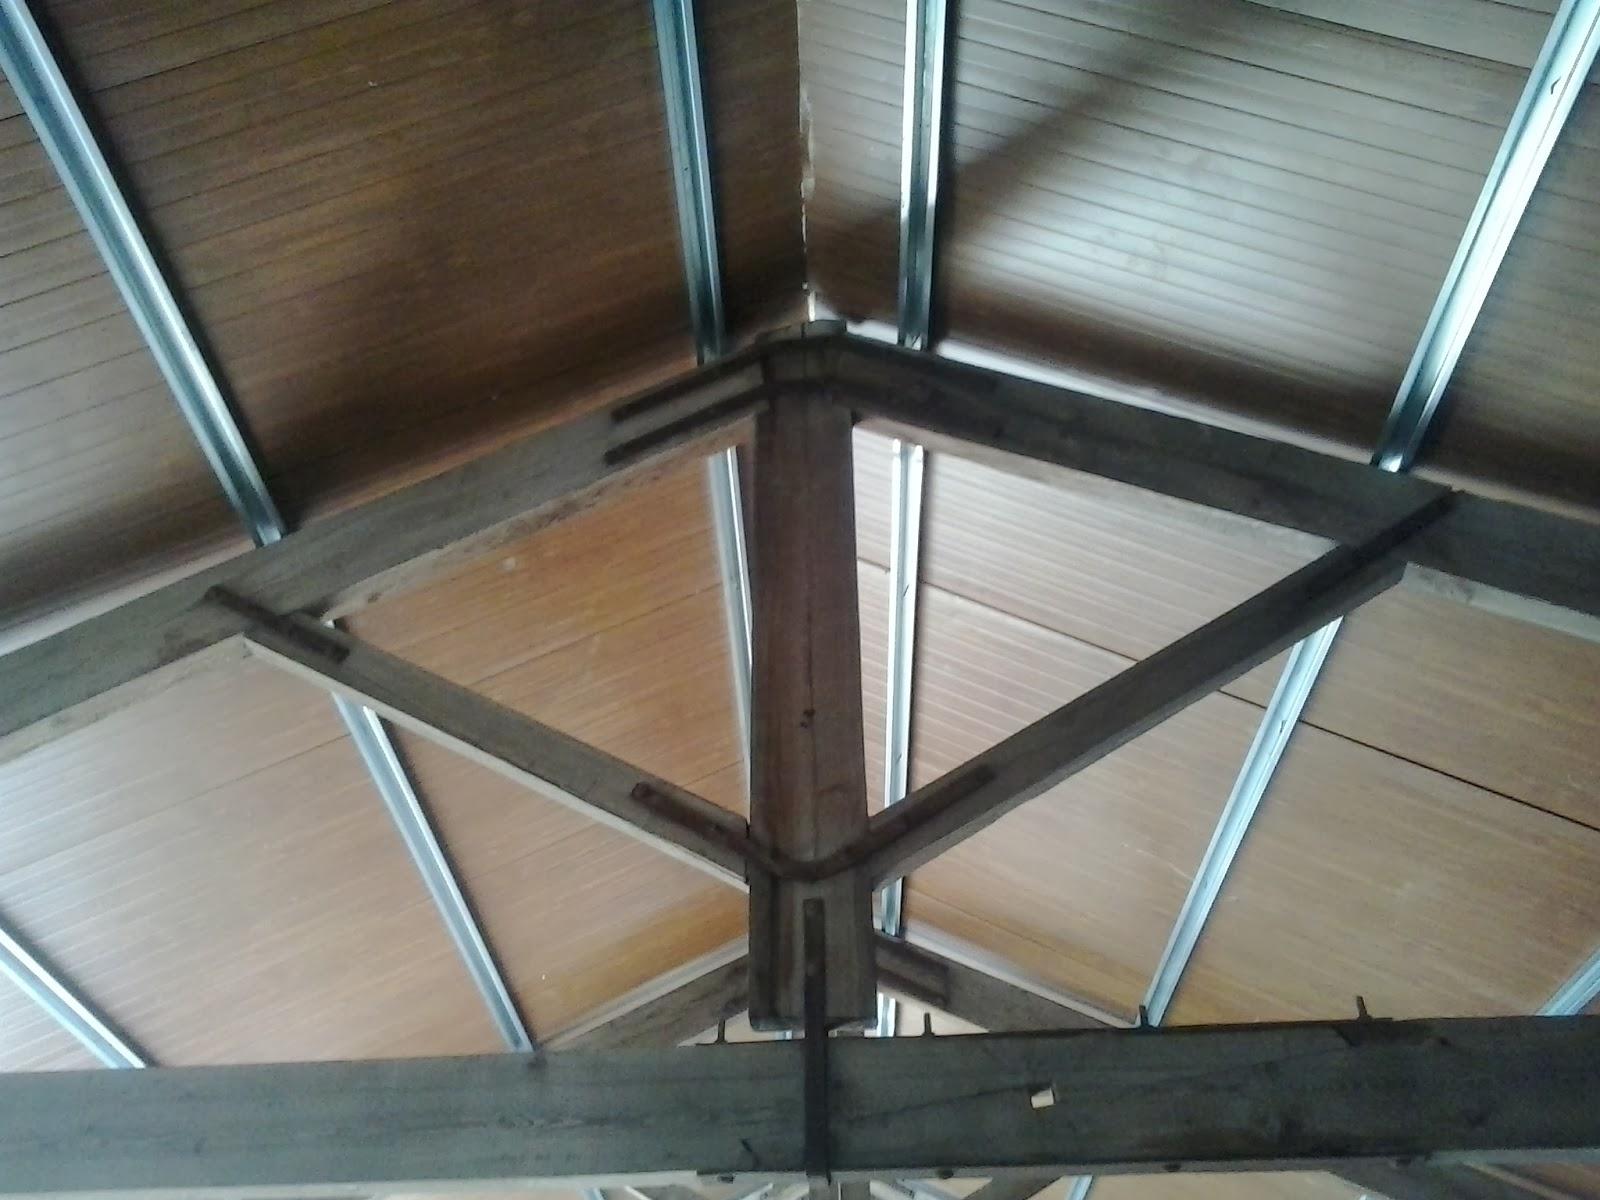 Reparar tejados de teja en castilla y le n vila - Precio onduline bajo teja ...